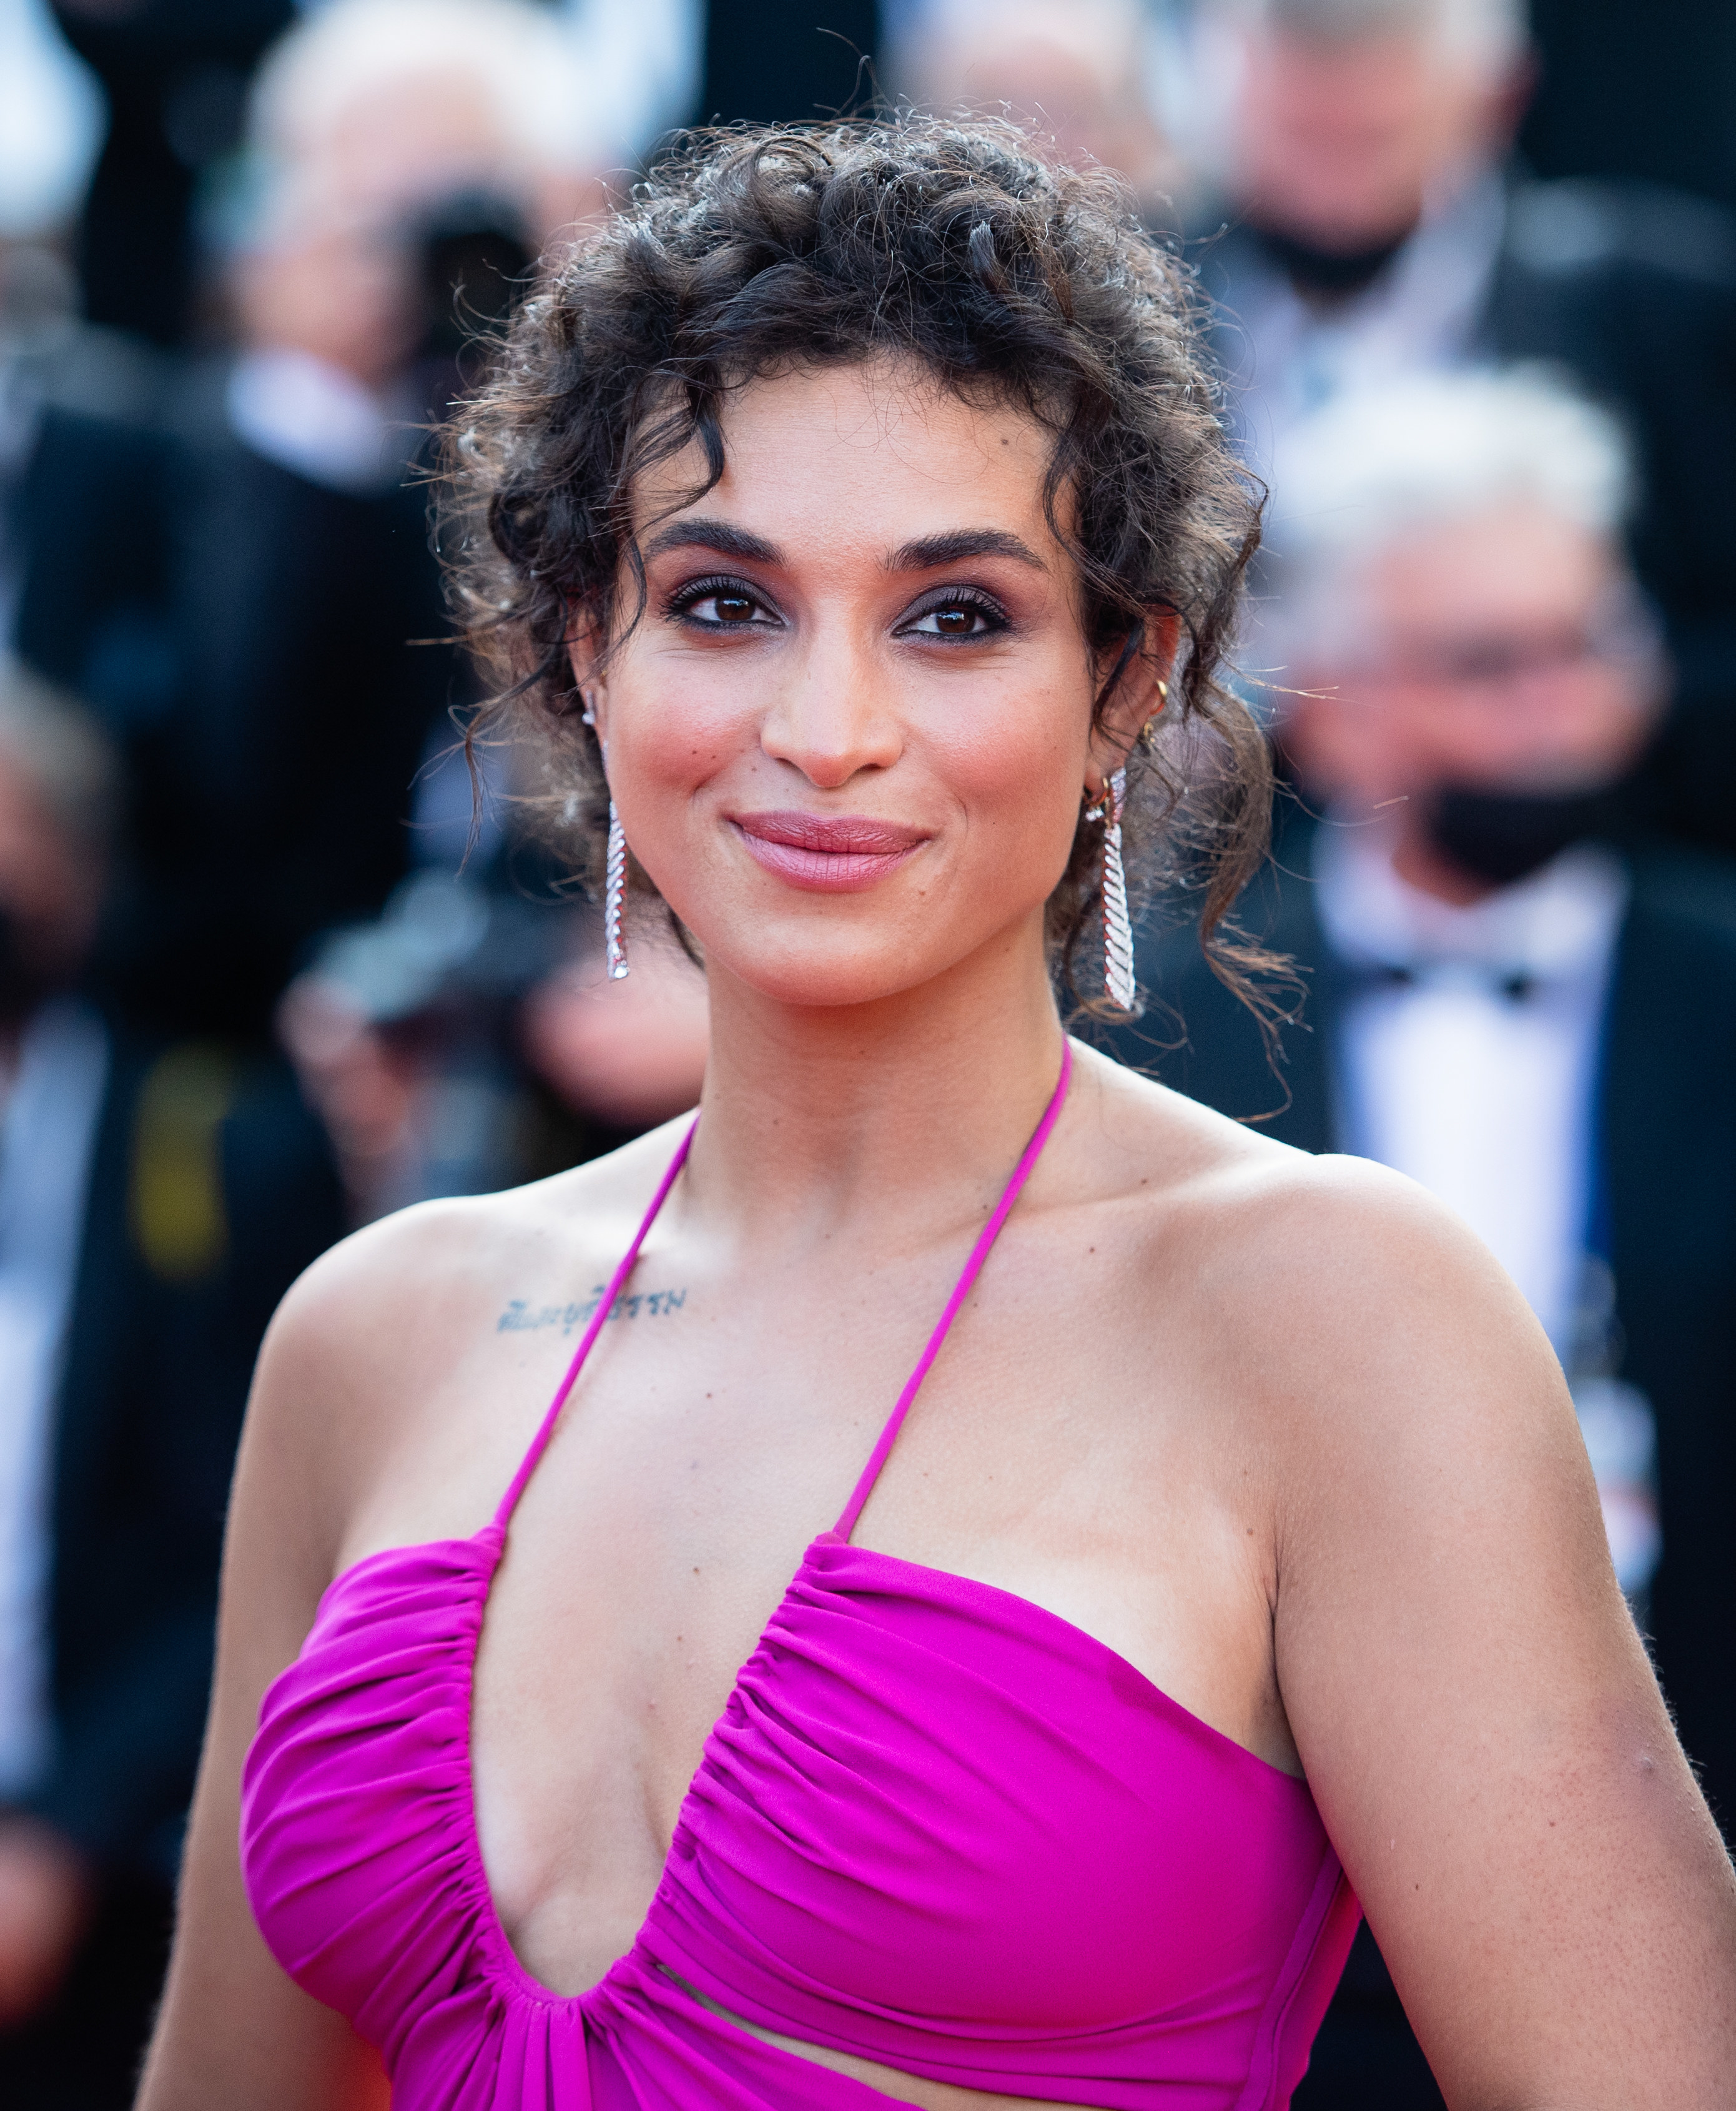 Camélia Jordana at the Cannes Film Festival